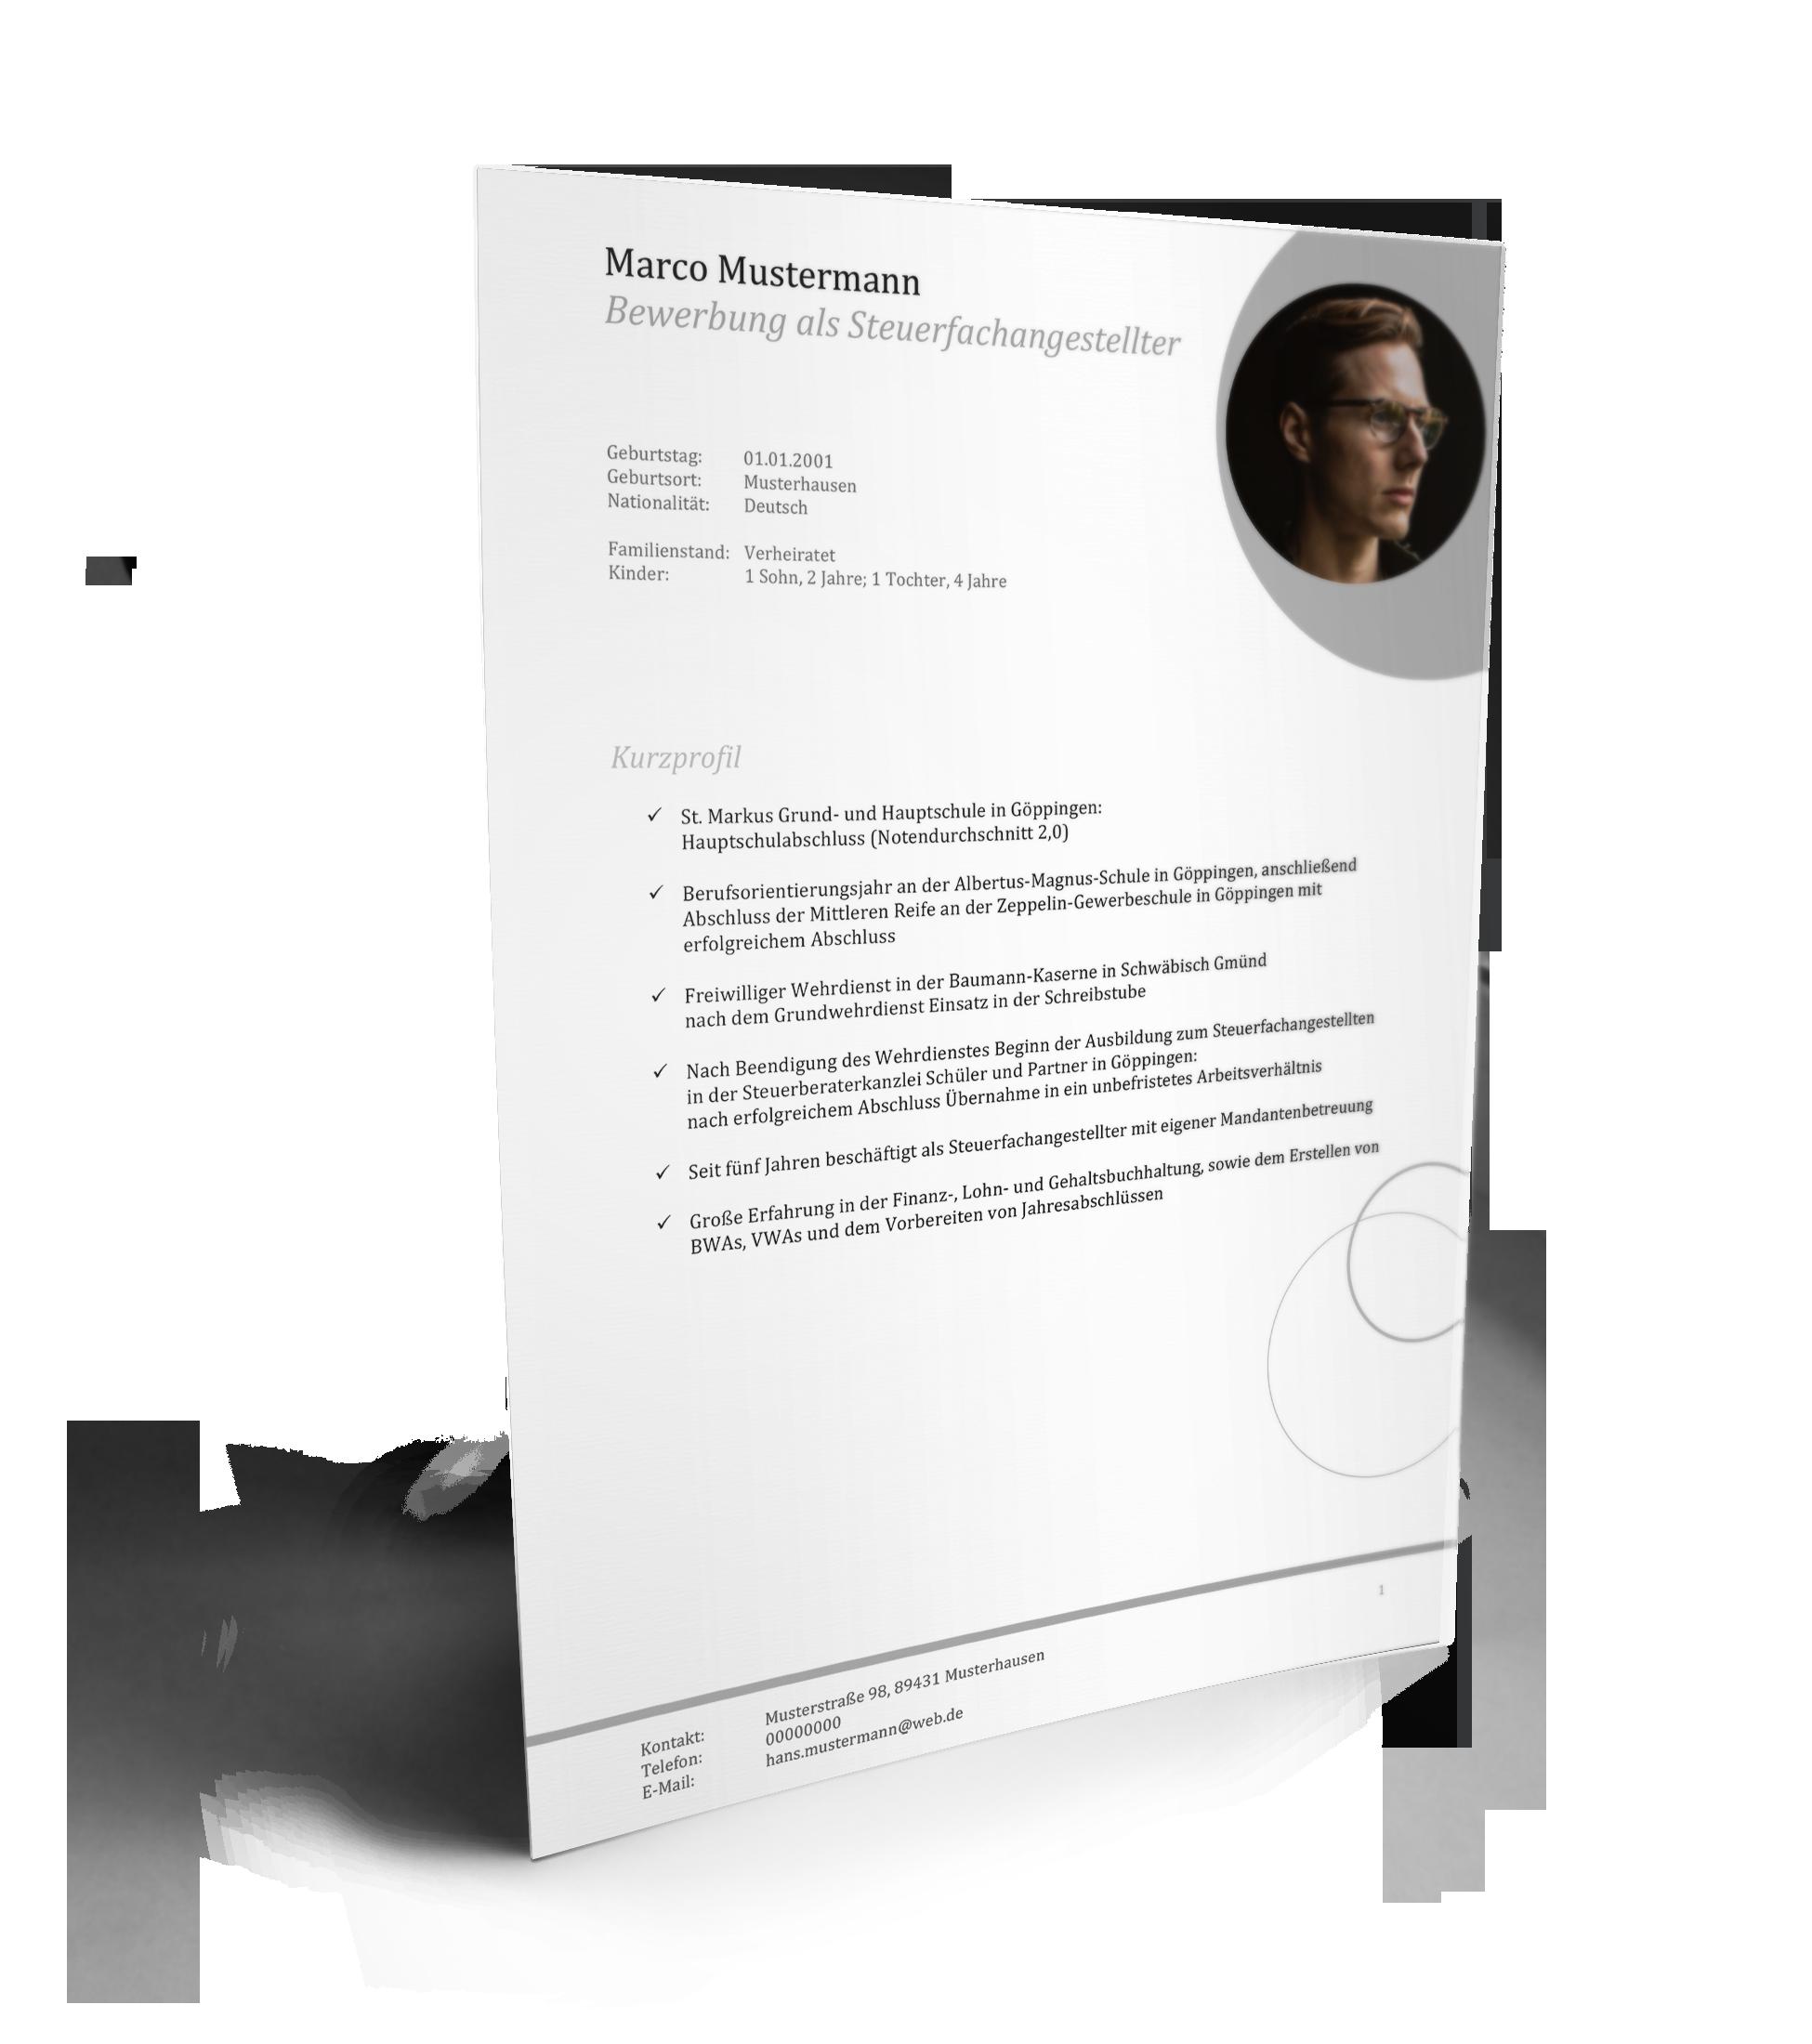 Lebenslauf-Muster für eine Fachangestellte kostenlos runterladen: